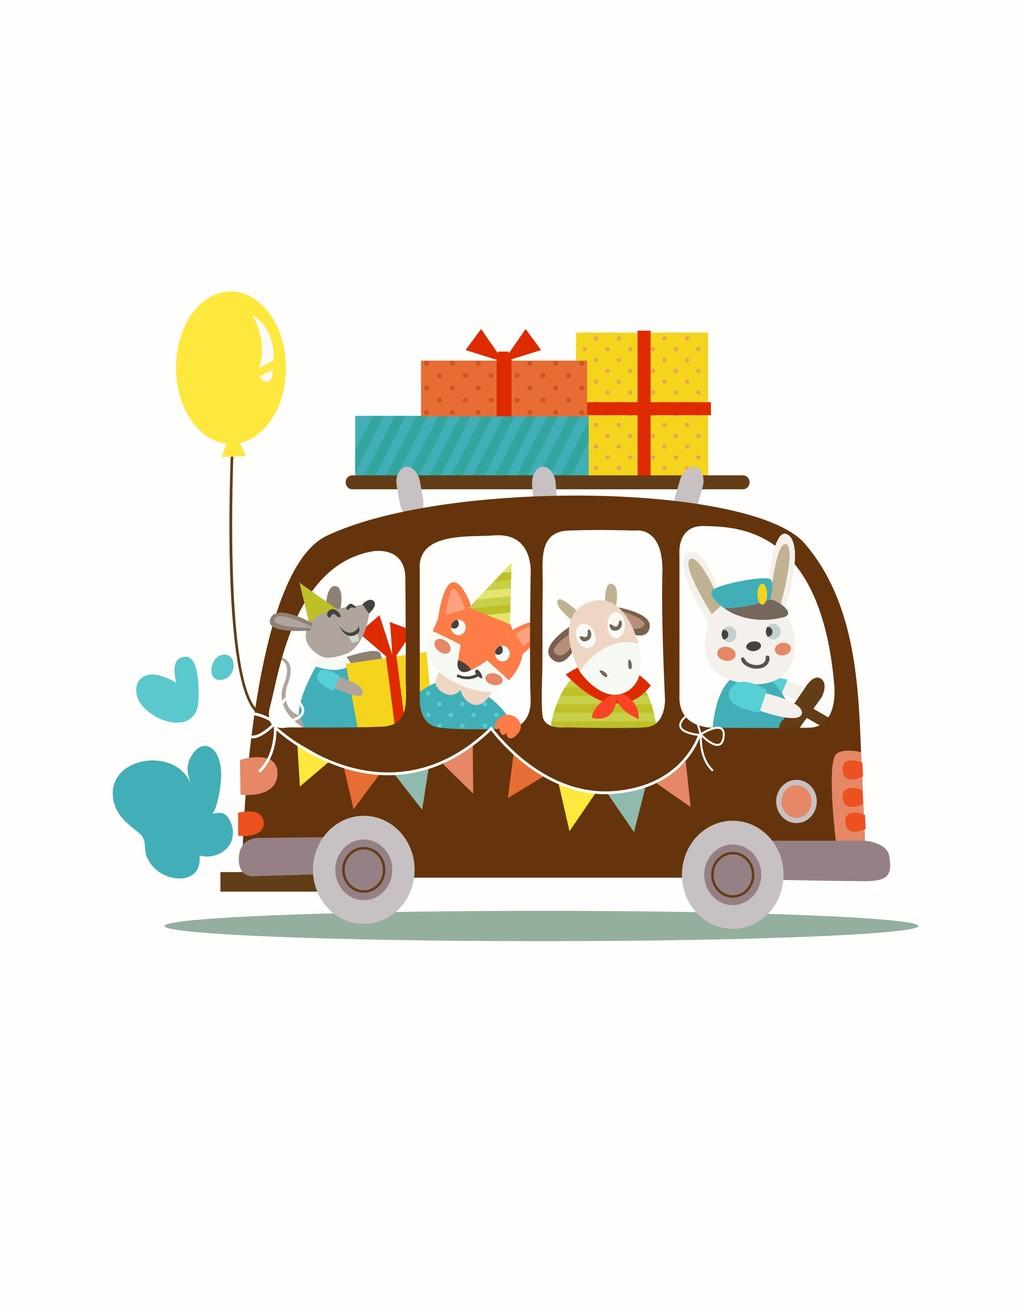 设计元素 其他 其他 > 卡通汽车动物气球礼品兔子狐狸   图片编号